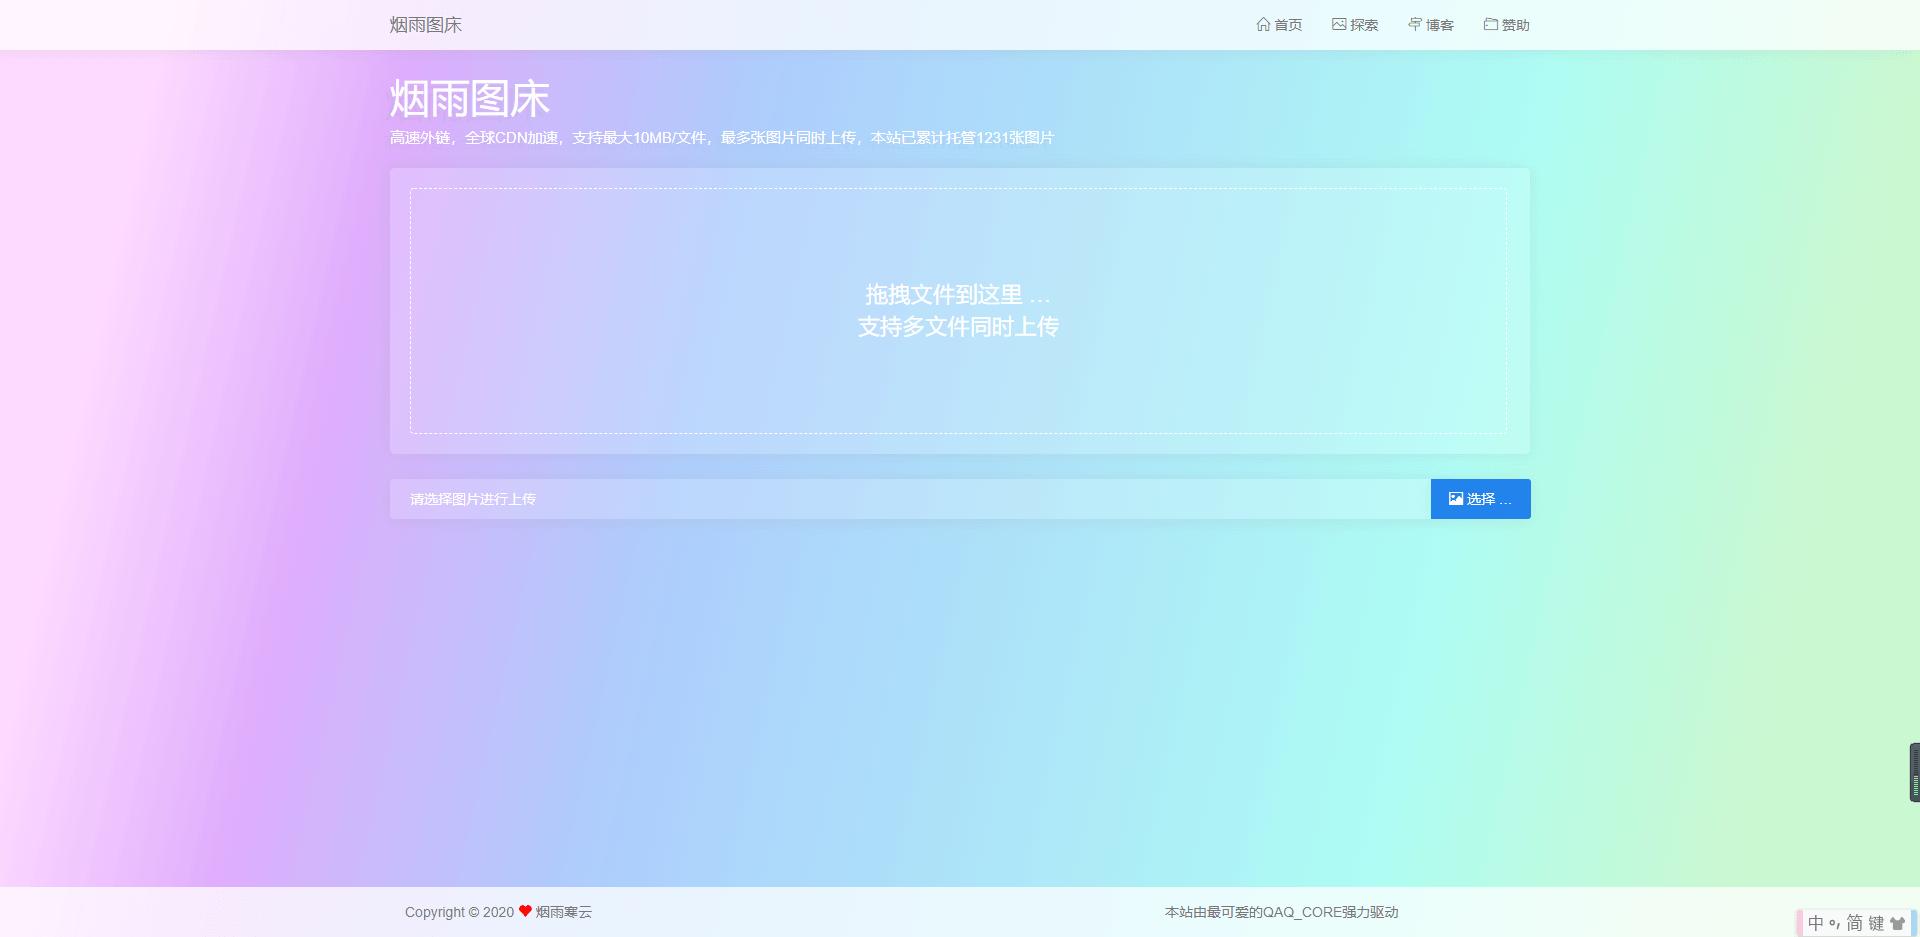 烟雨图床v2.1.3正式版源码